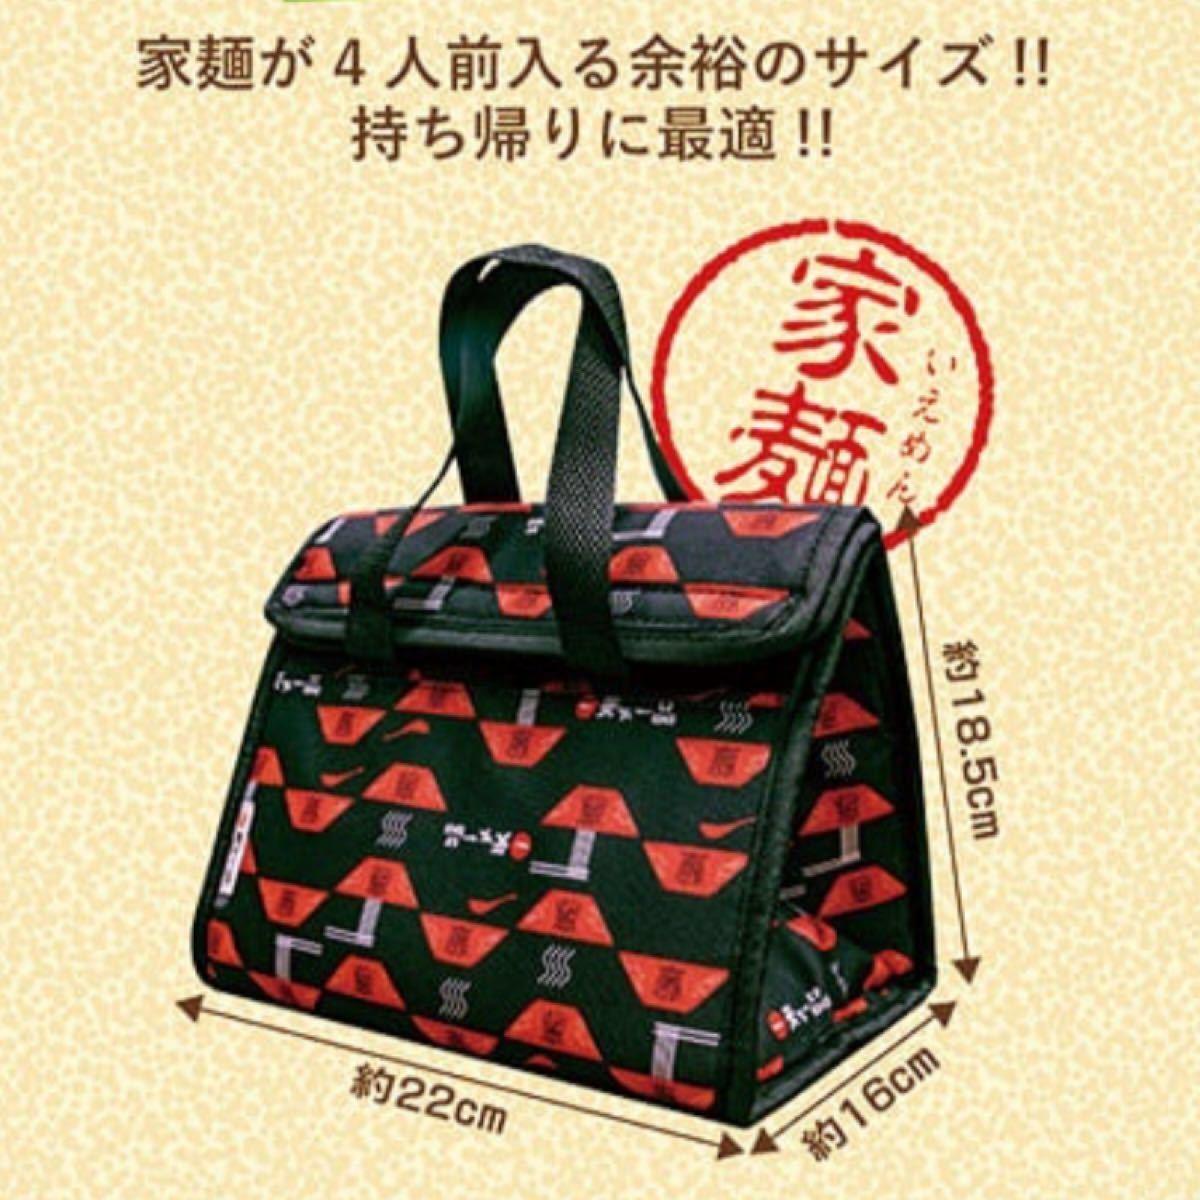 【天下一品】オリジナル保冷バッグ